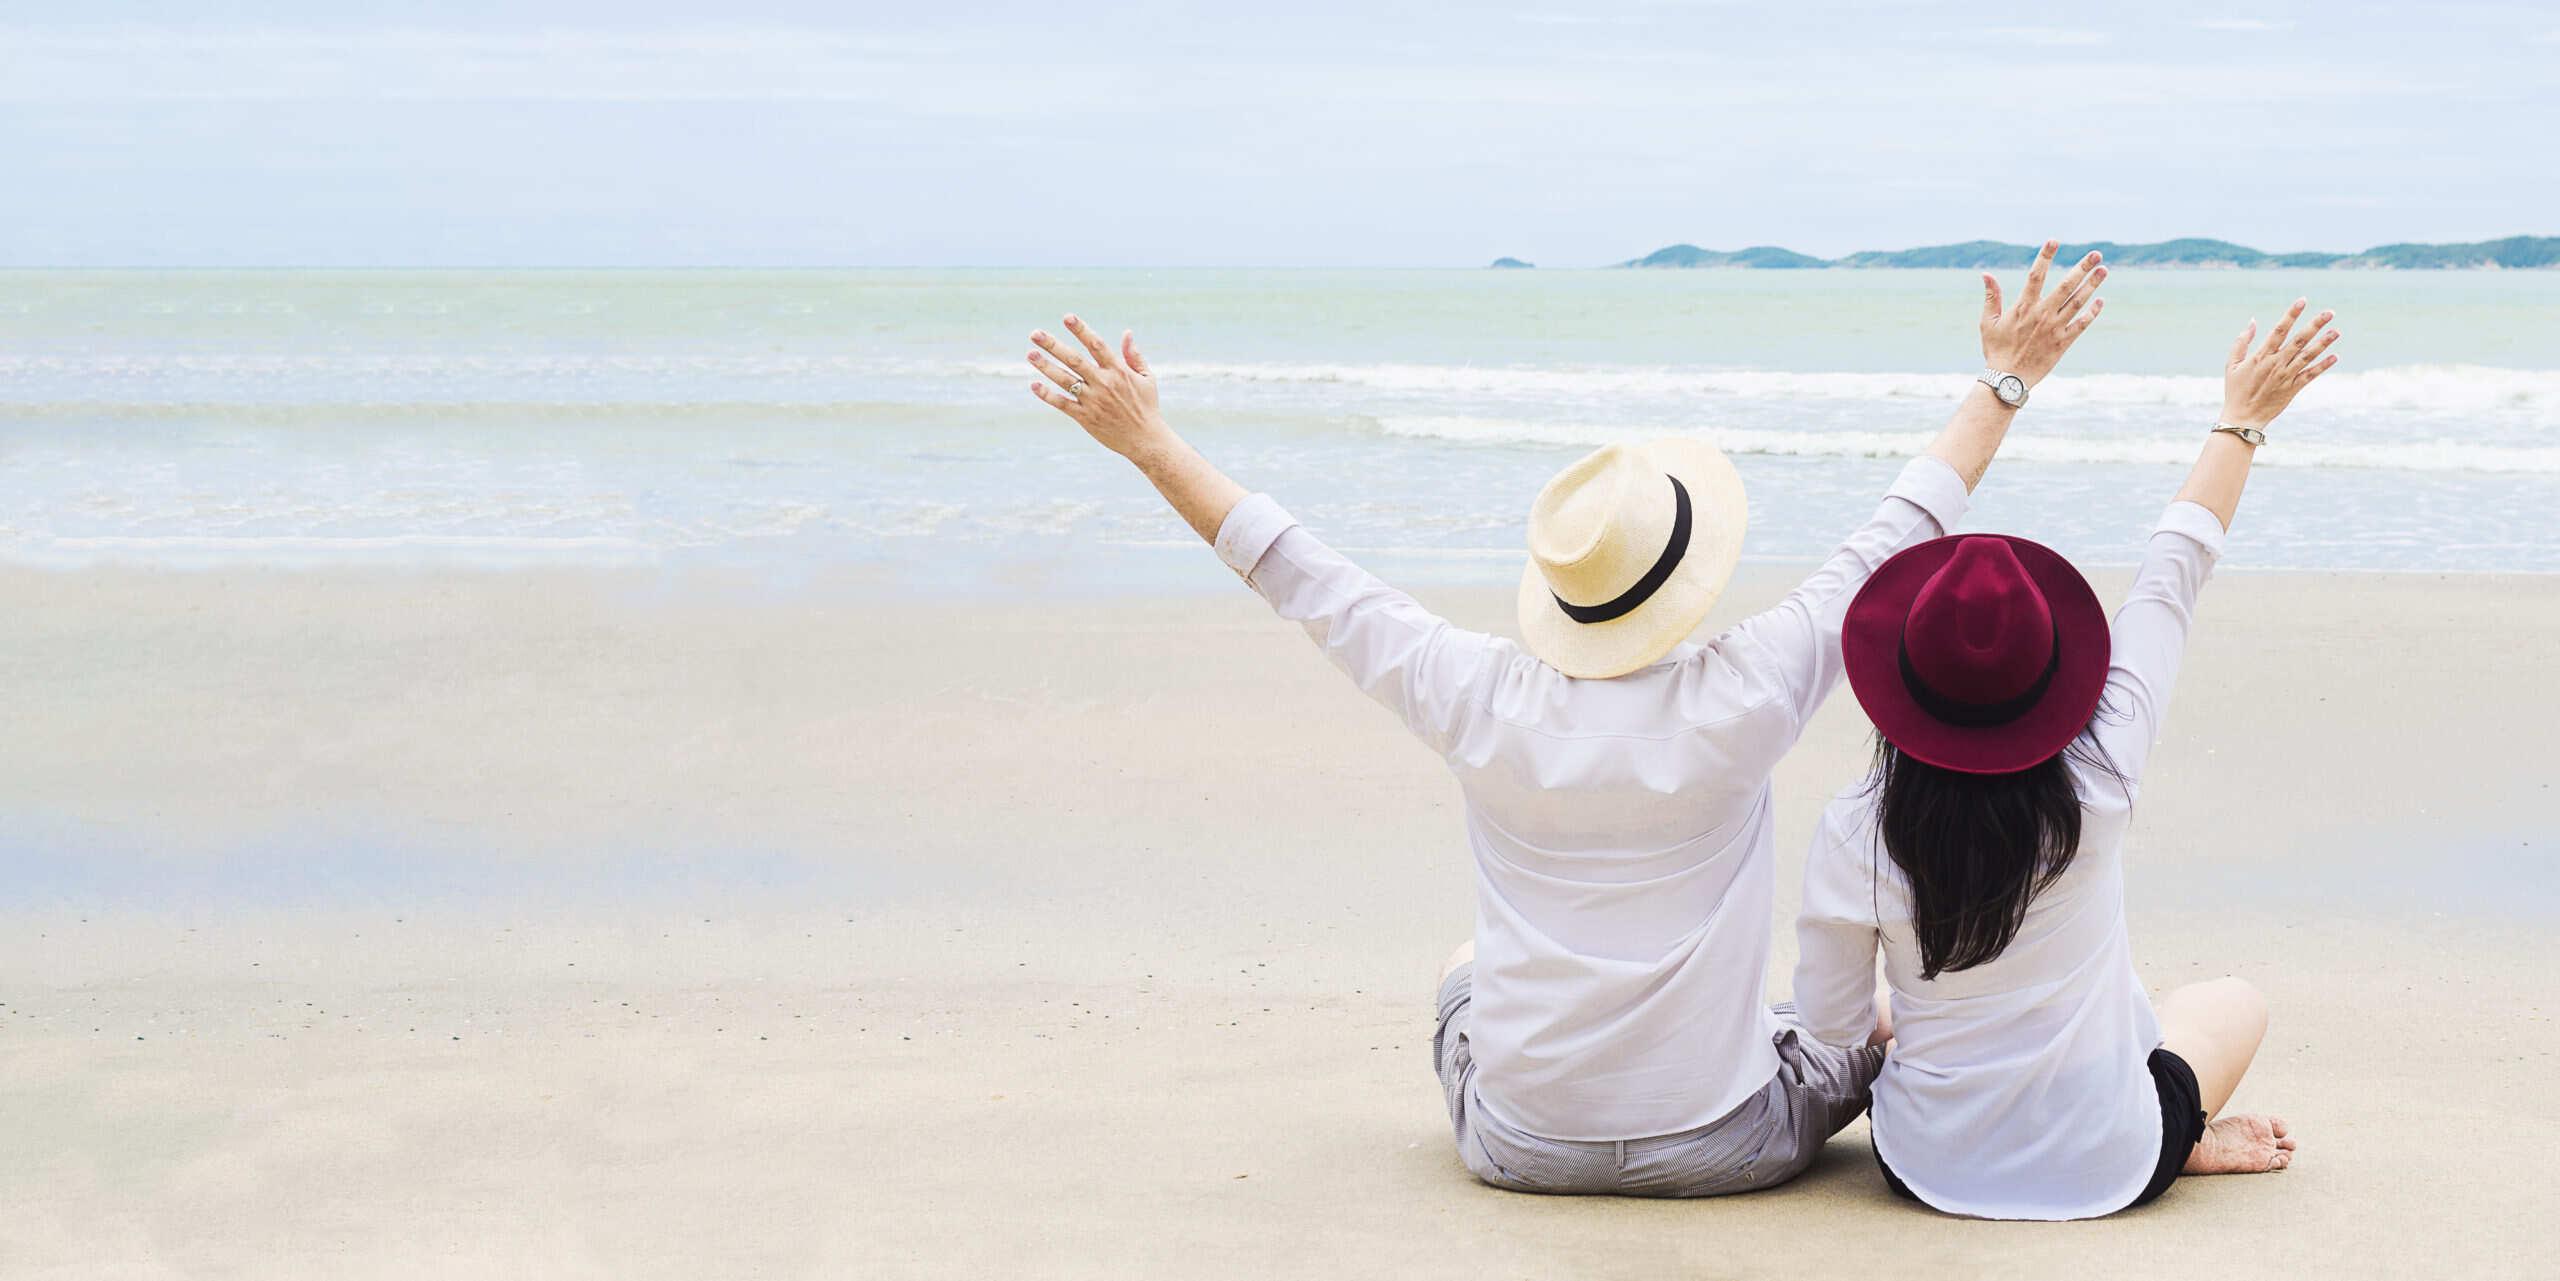 เตรียมเปิดรับนักท่องเที่ยวชาวต่างชาติเข้าประเทศไทย